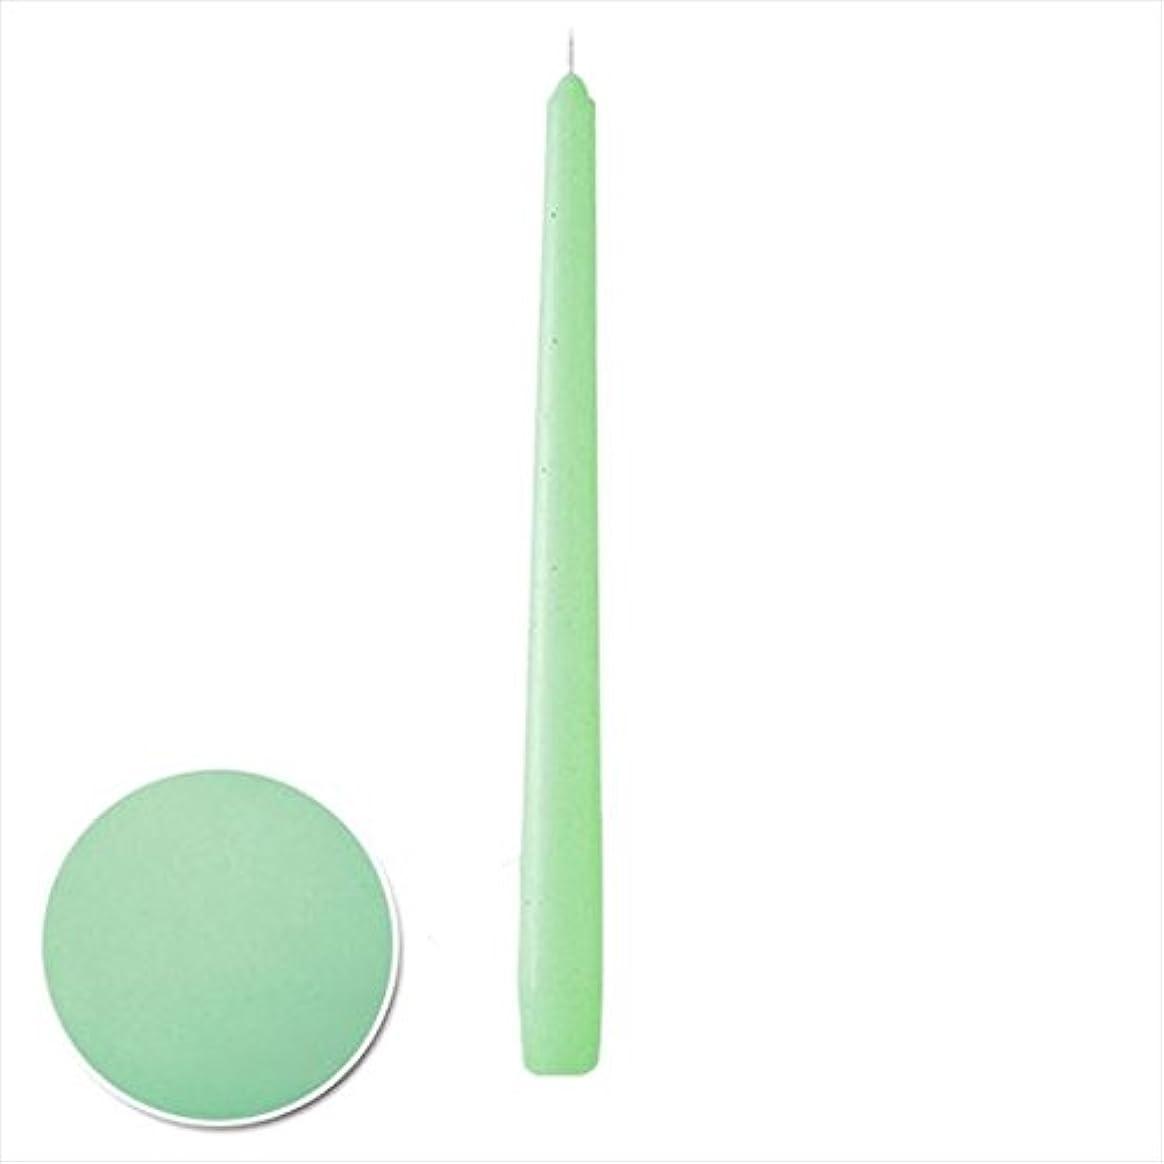 解釈エレメンタル鋸歯状カメヤマキャンドル( kameyama candle ) 12インチテーパー 「 ミント 」 12本入り